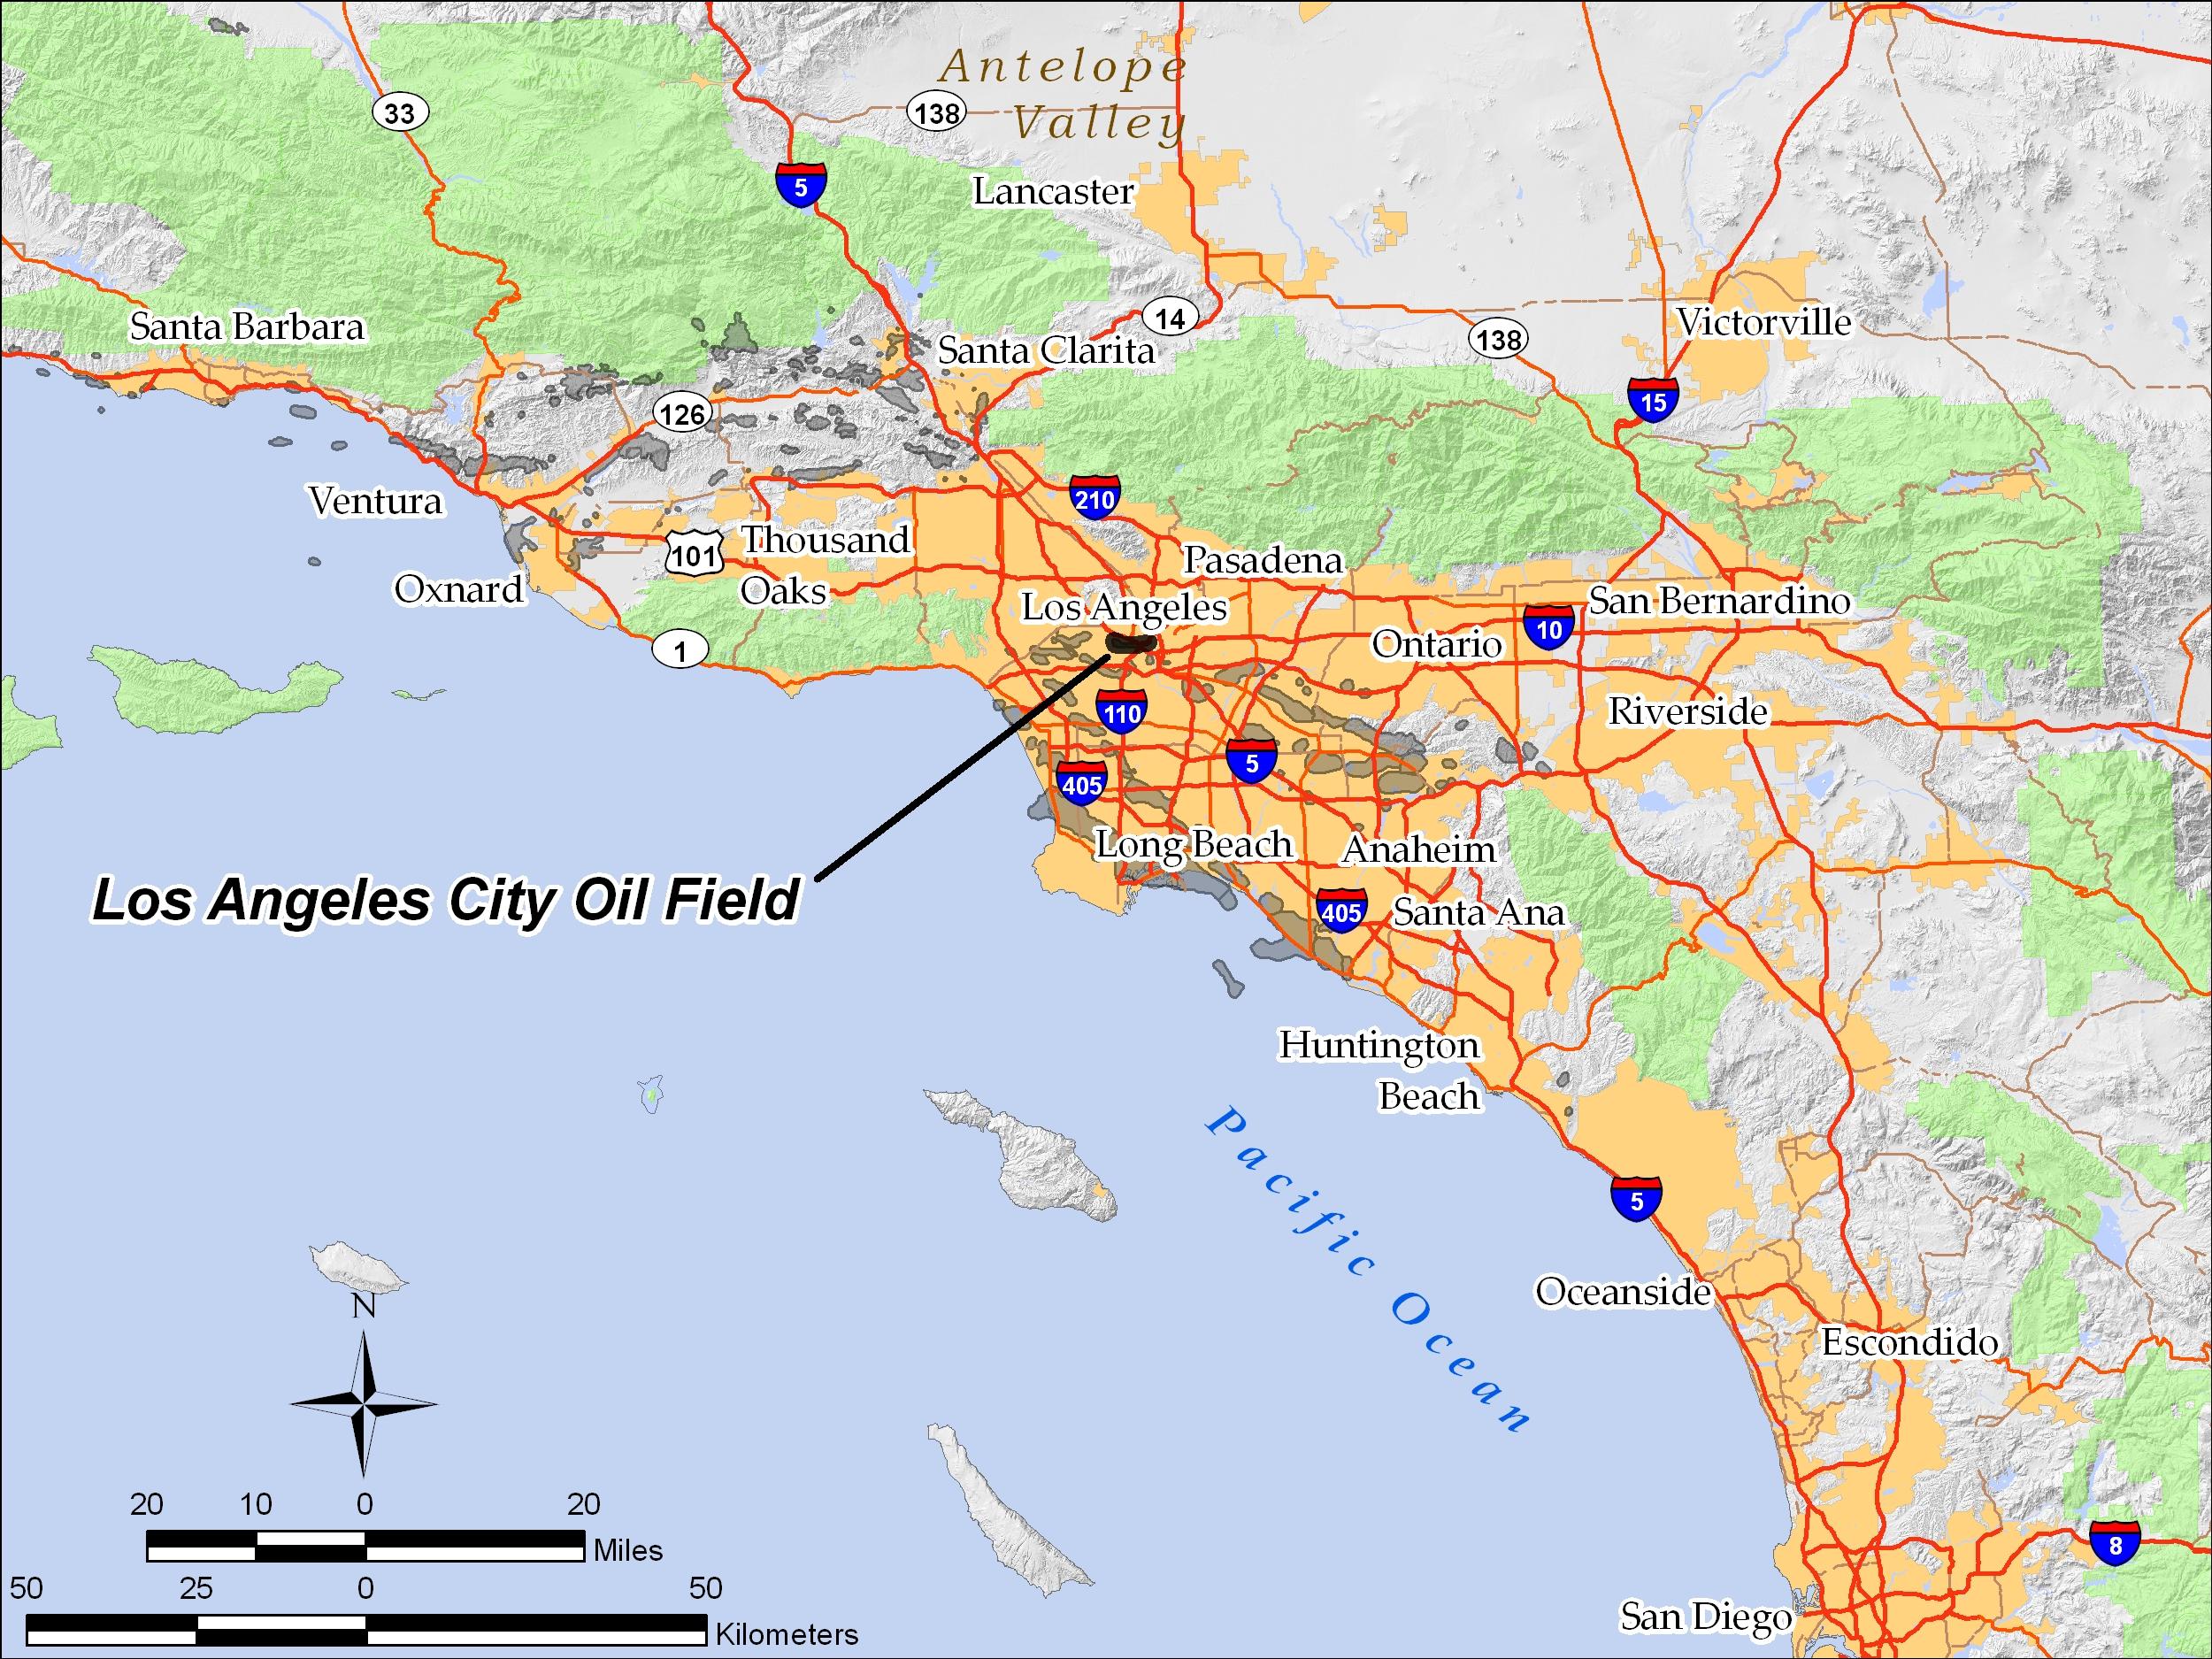 los angeles city oil field - wikipedia